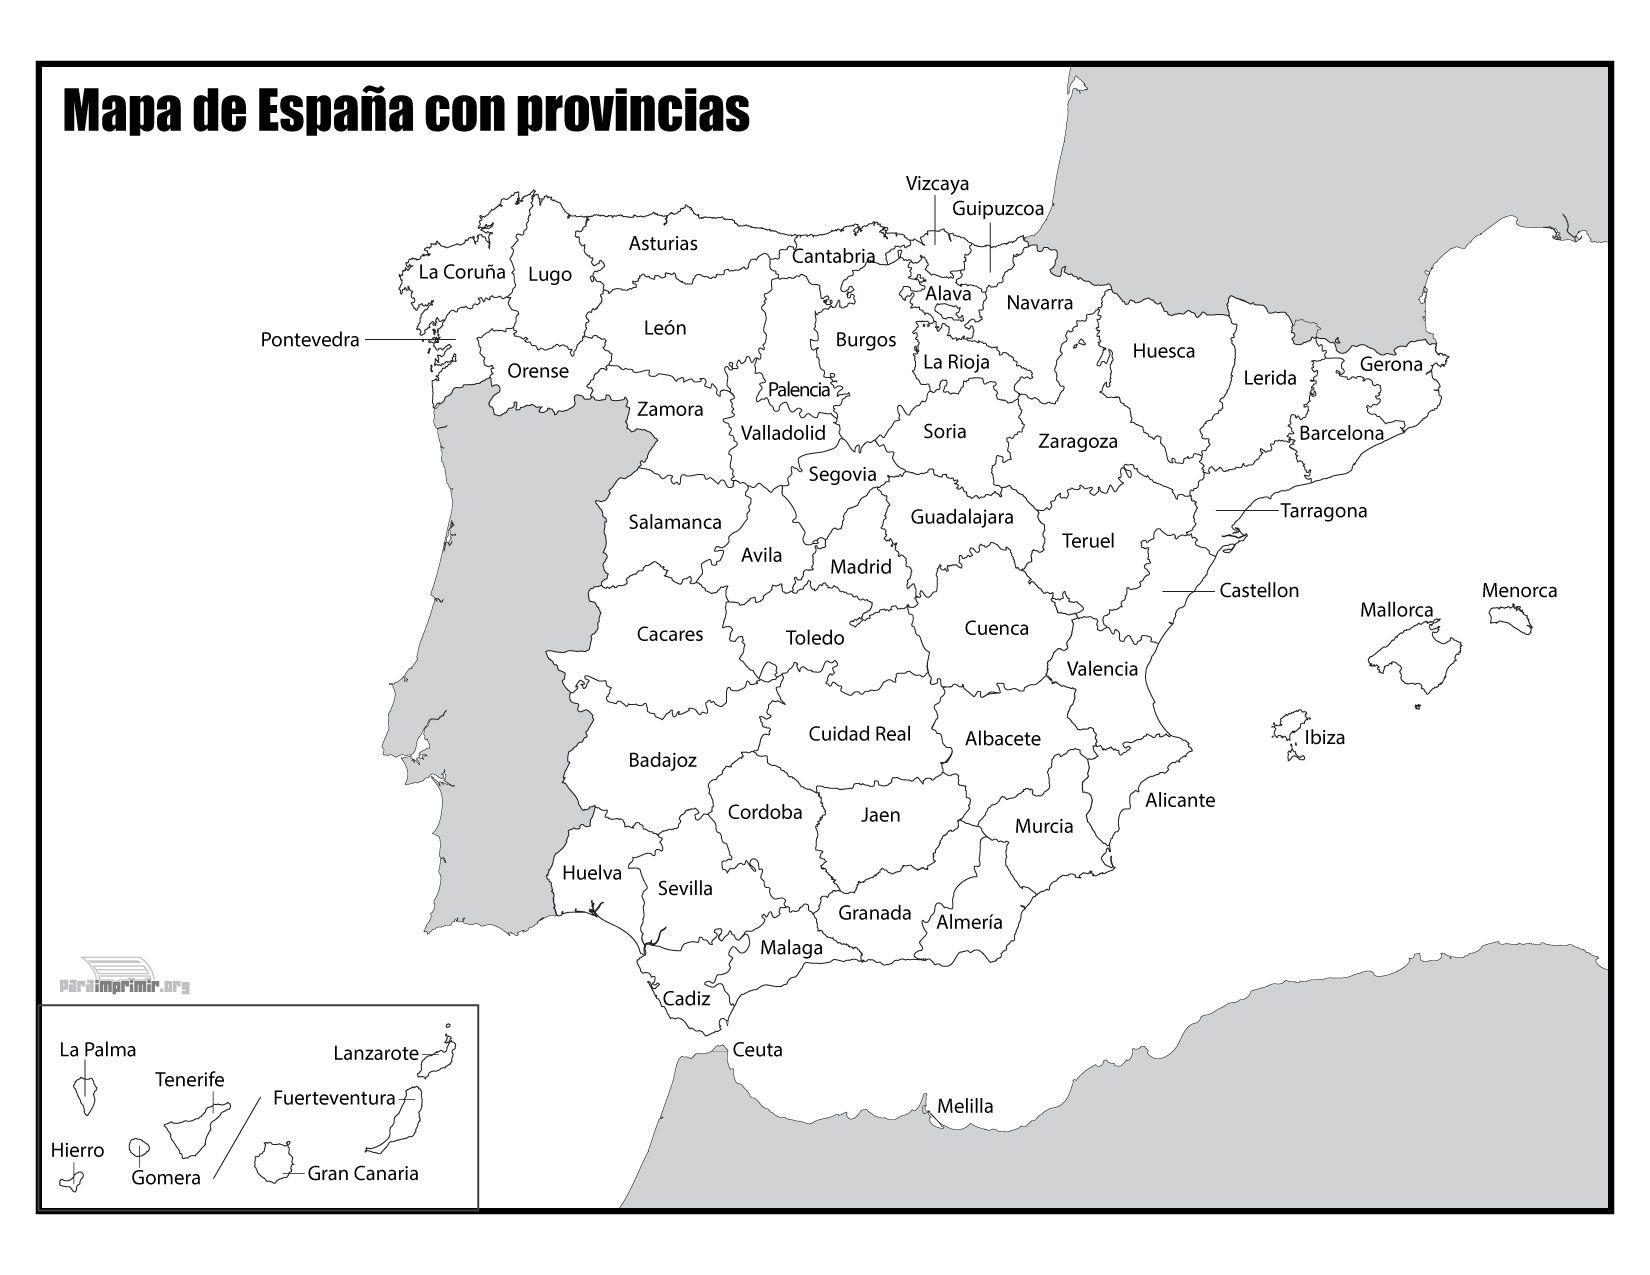 Fotos De Ciudades Y Sus Nombres En Hd Gratis Para Descargar 4 Hd Wallpapers Mapa De España Mapa De Italia Fotos De Ciudades